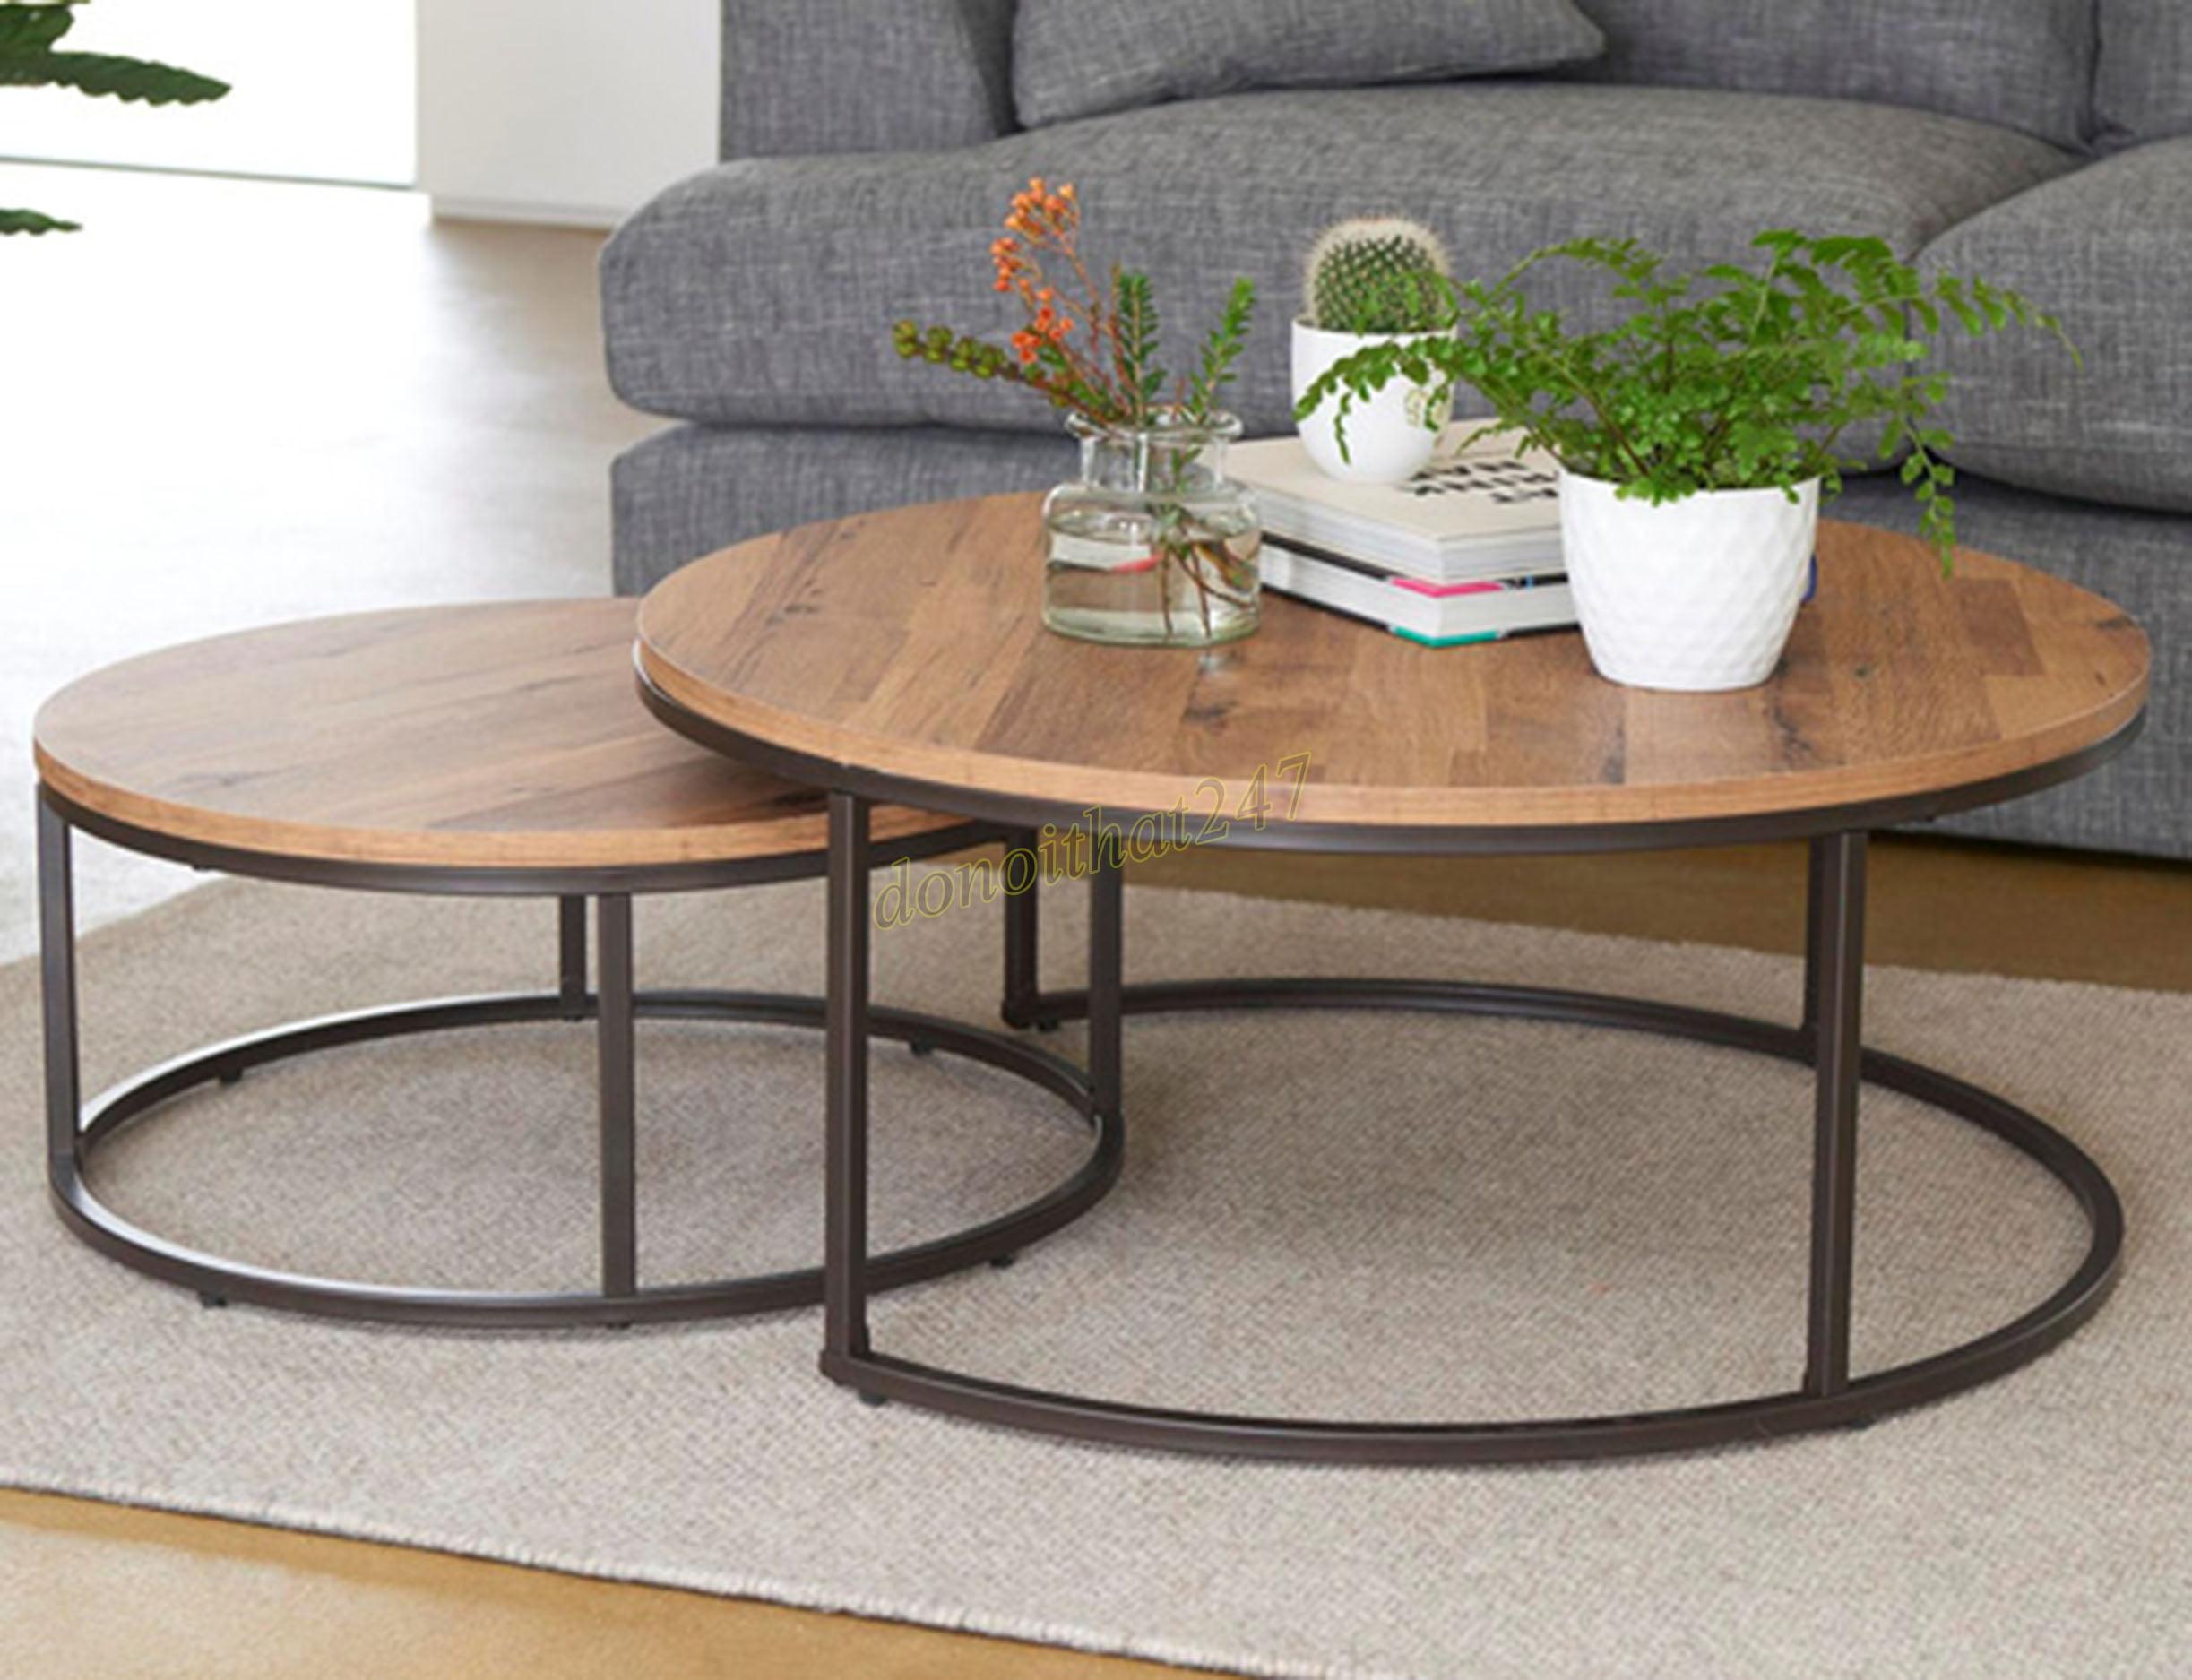 Mẫu bàn sofa chân sắt cho phòng khách được yêu thích nhất